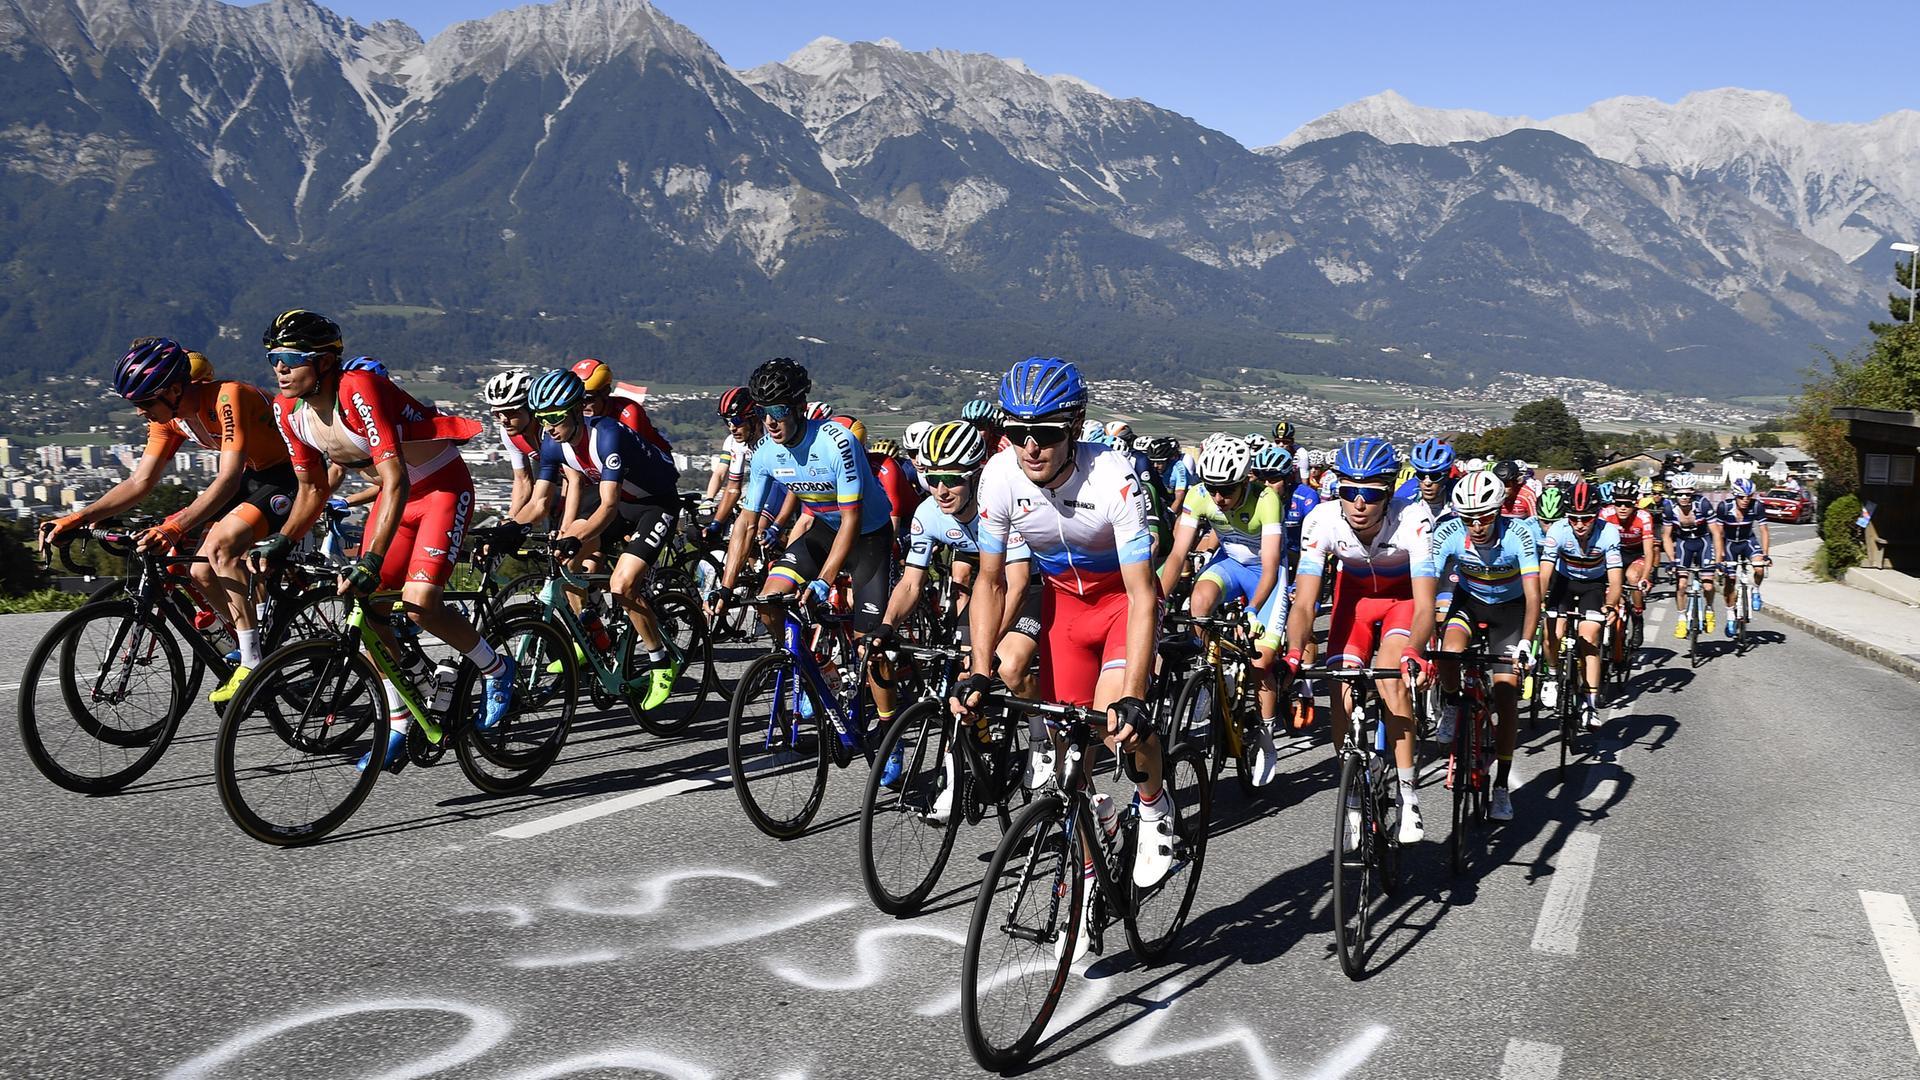 821facc3347c2d Radsport vor spektakulärer Bergkulisse  U23-Rennen bei der WM in Innsbruck